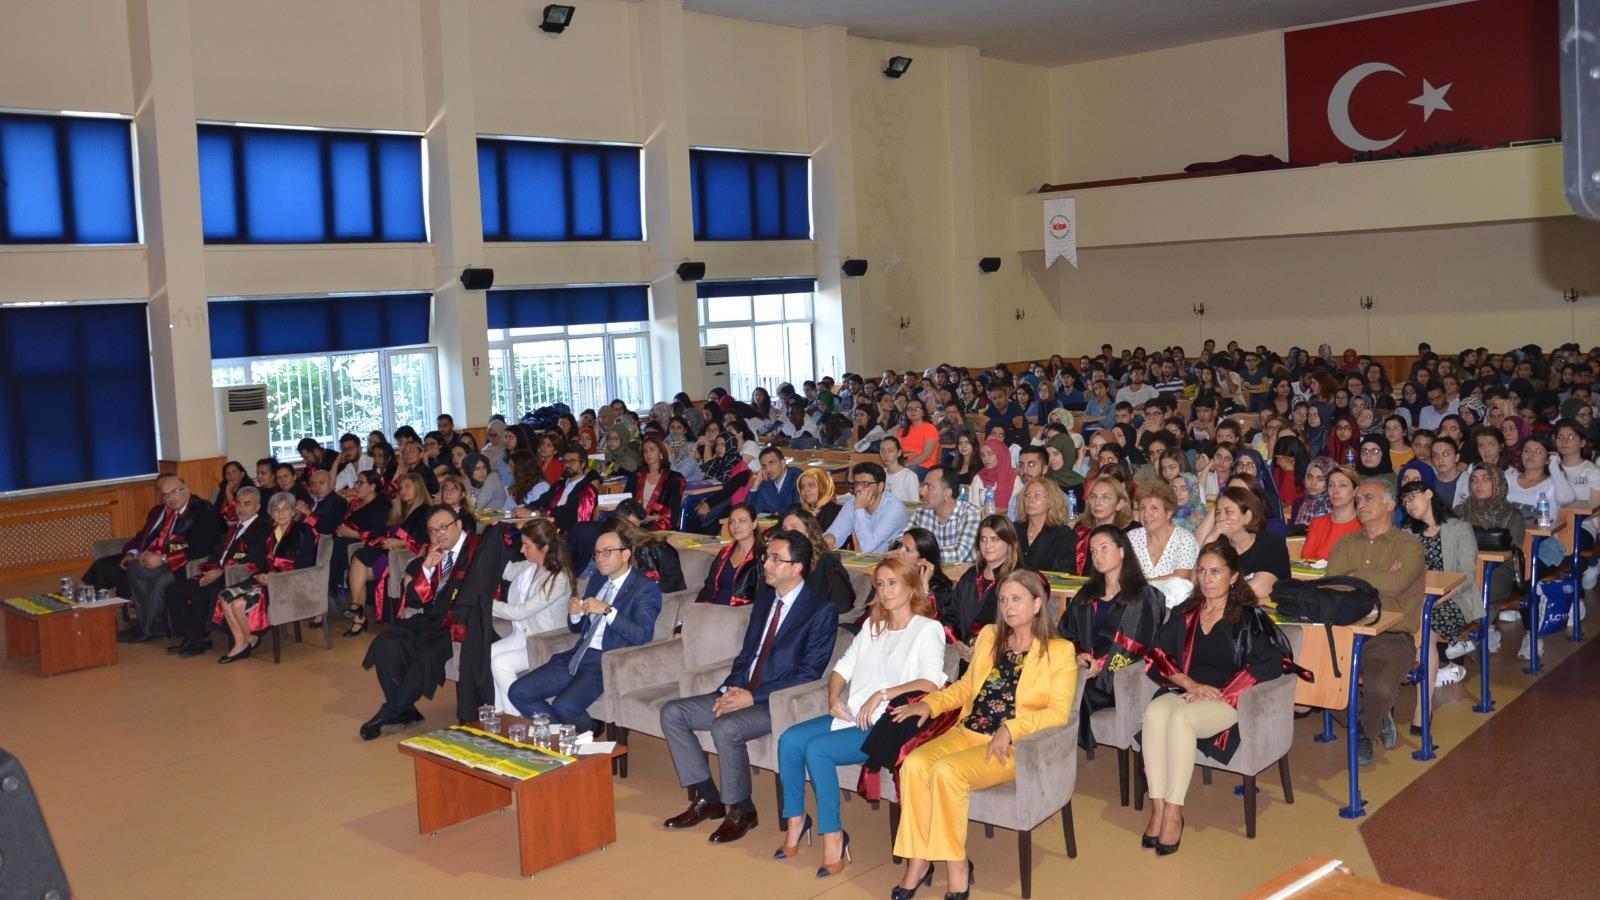 İstanbul-Üniversitesi--Cerrahpaşa-Sağlık-Bilimleri-Fakültesi-Açılış-Töreni